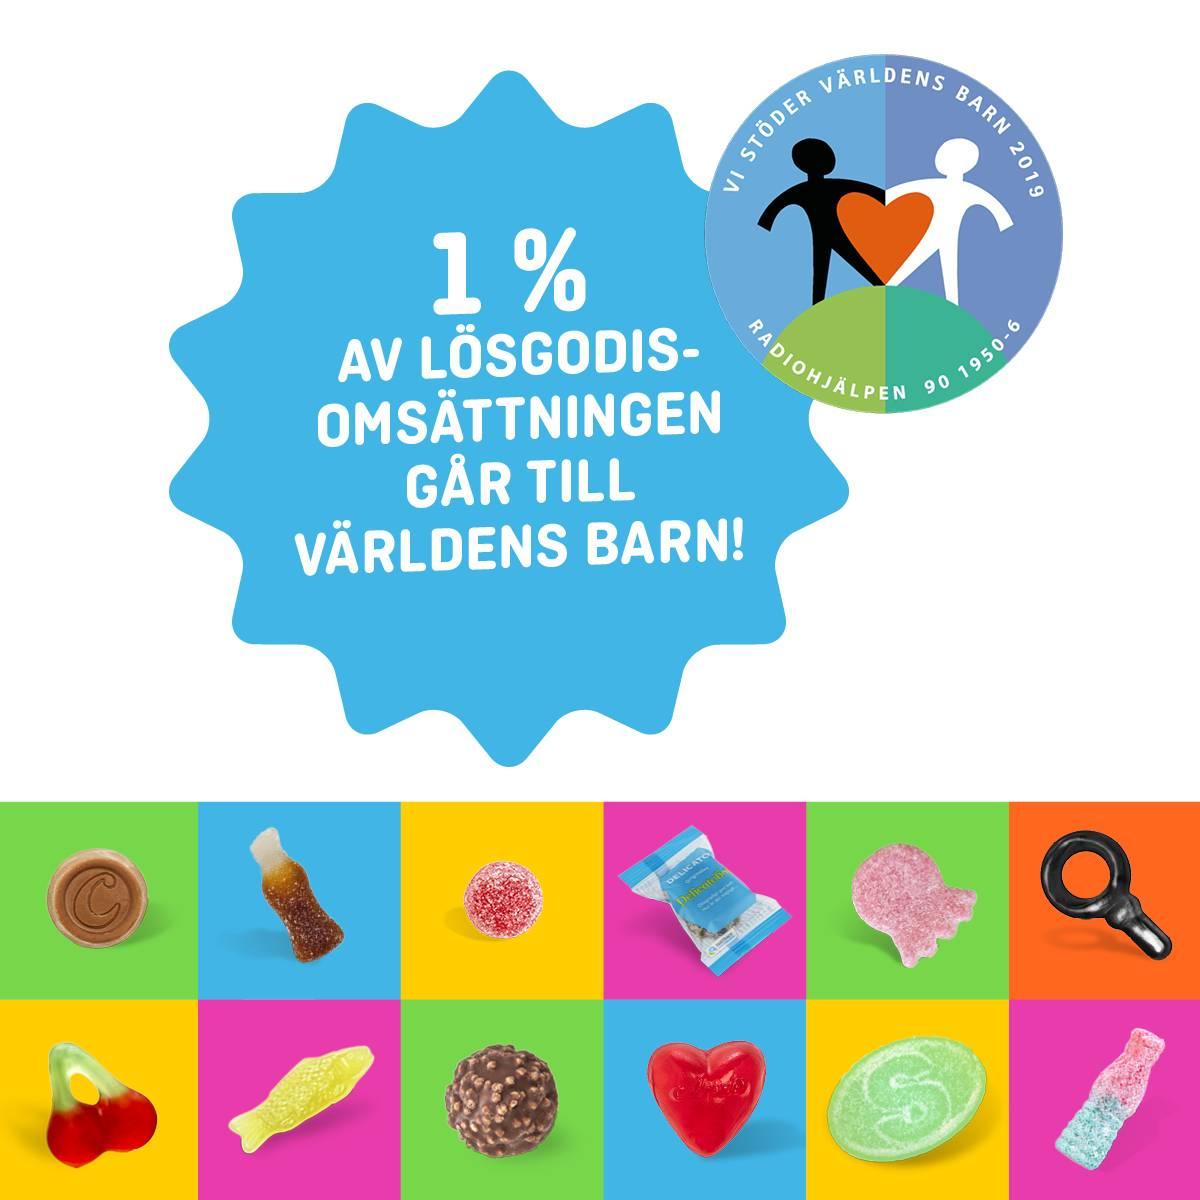 1 % av lösgodisomsättningen den 28/9 skänks till Världens barn!